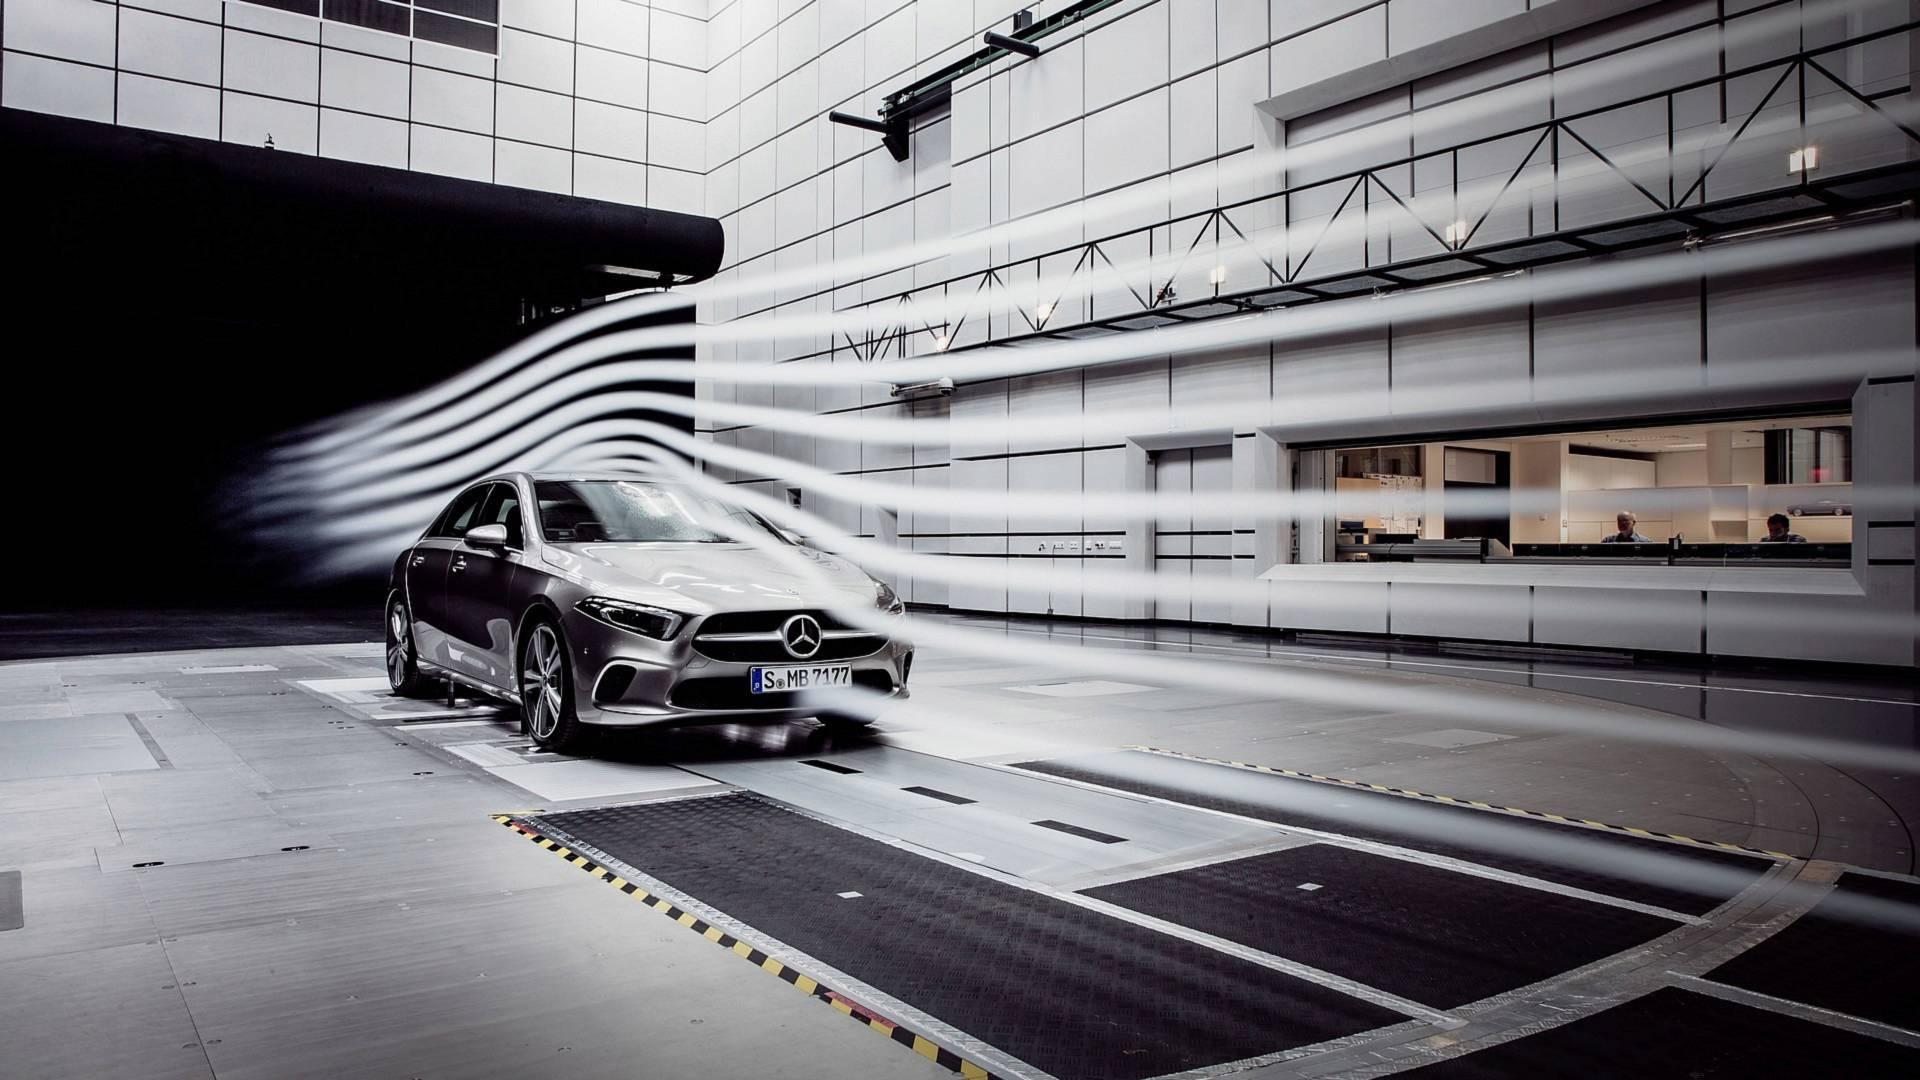 Mercedes-Benz Classe A Sedan, Sindelfingen